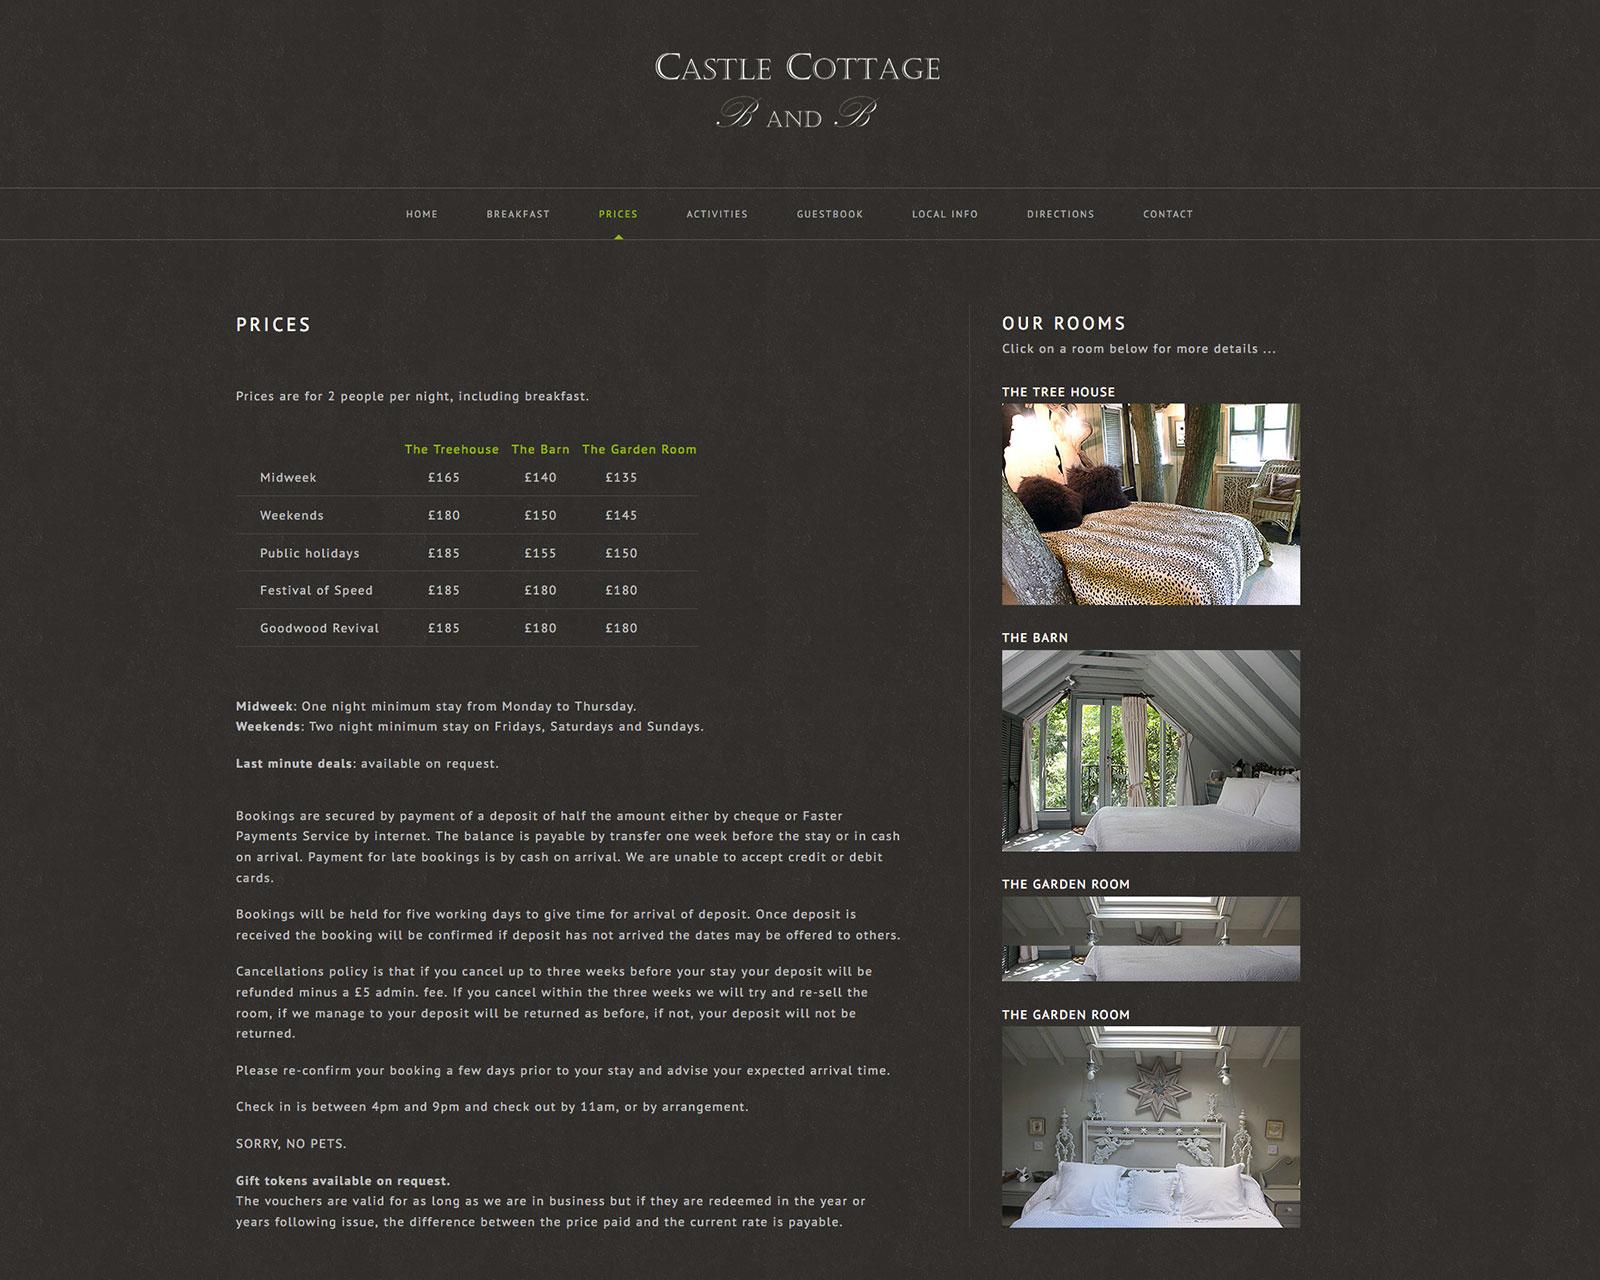 Castle Cottage website